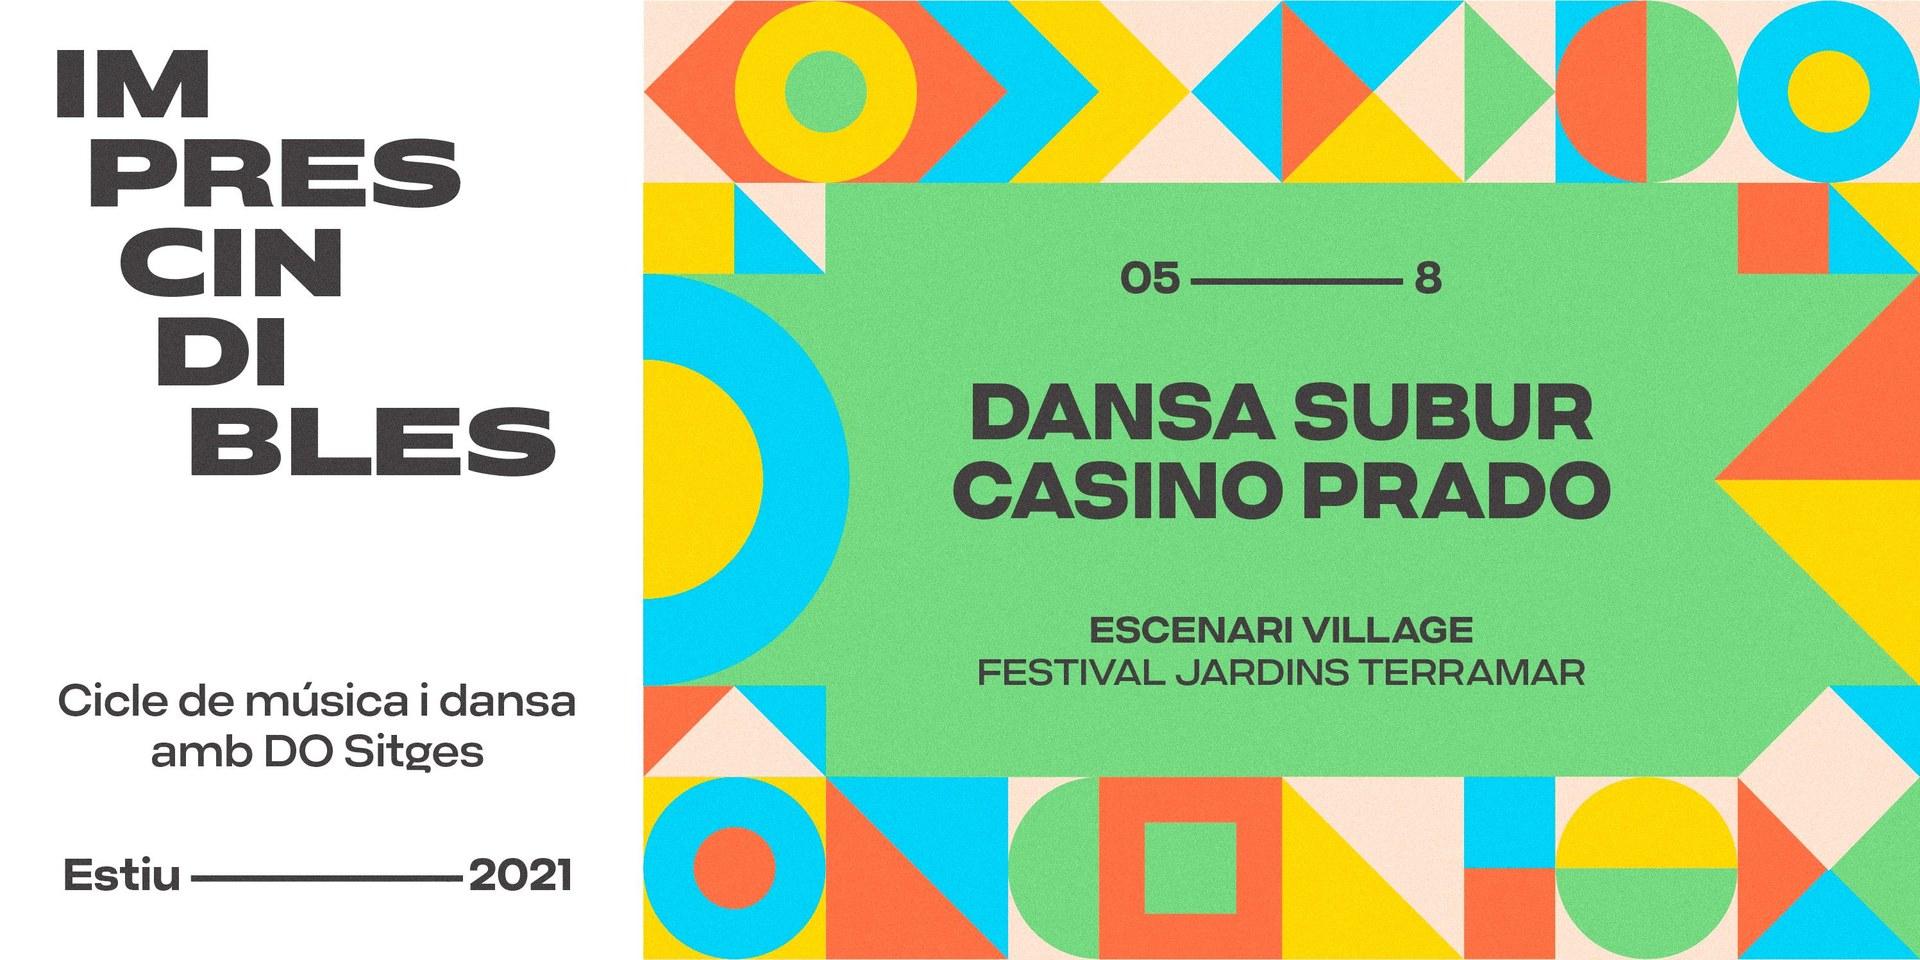 Dansa Subur Casino Prado 'Dones'